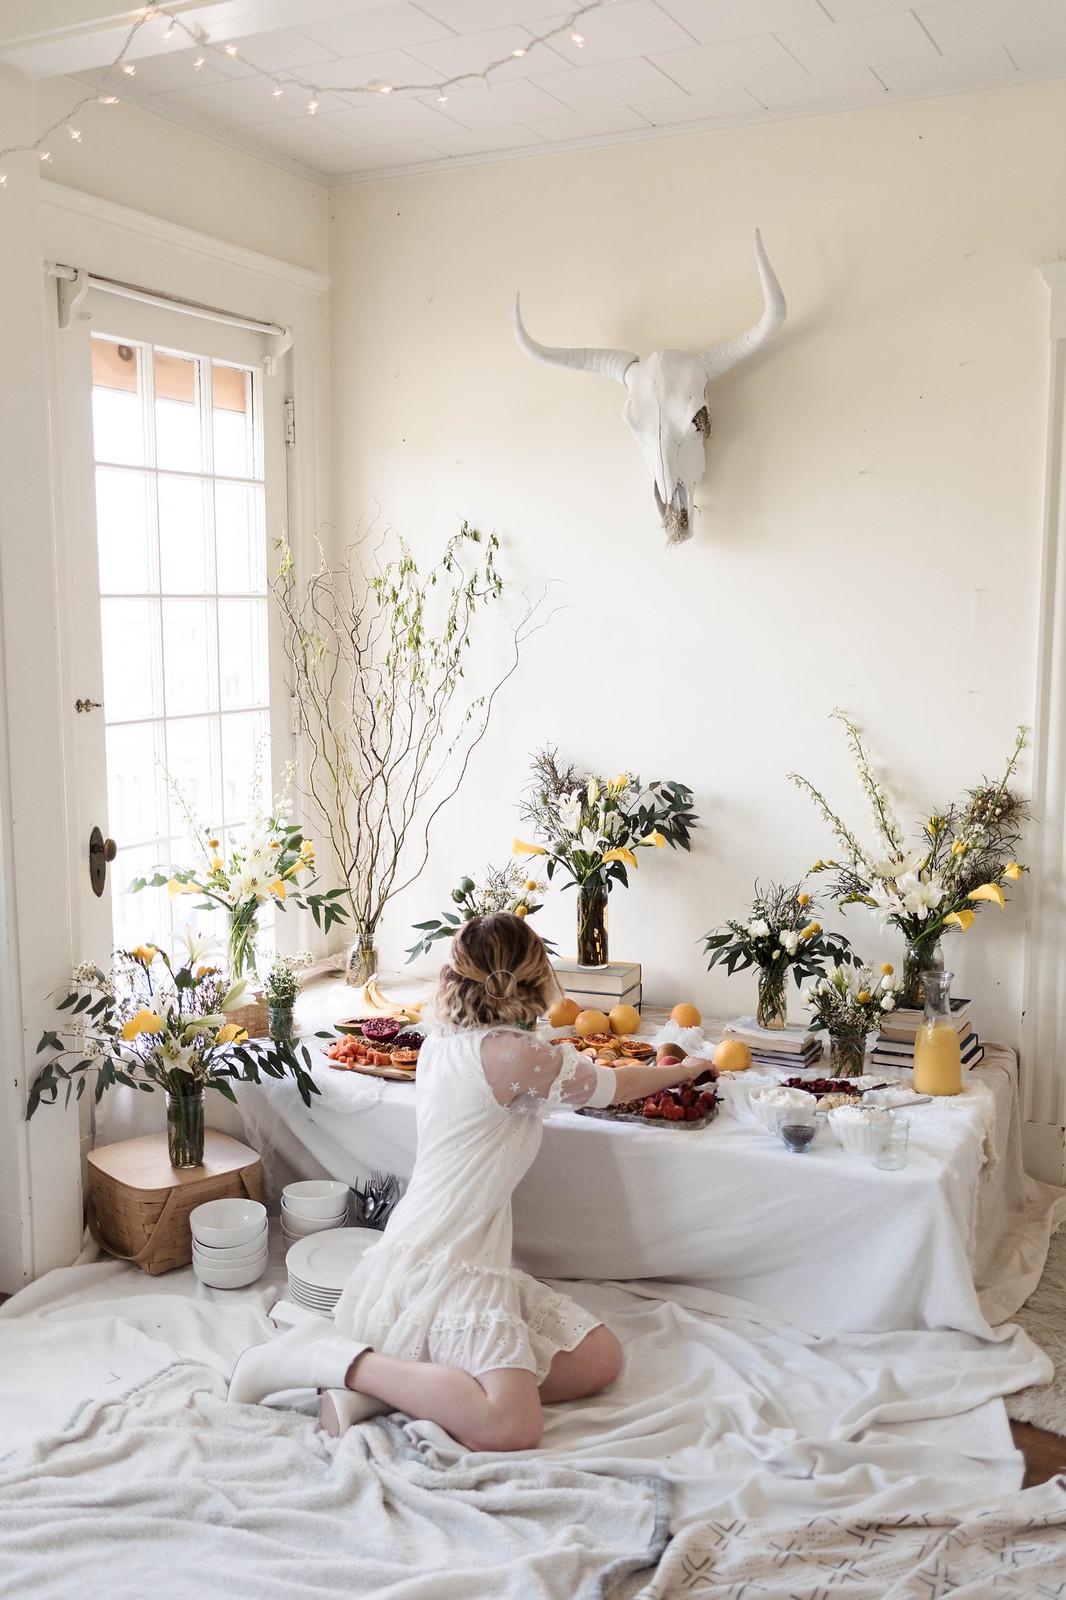 How to host a chic brunch on http://juliettelaura.blogspot.com/